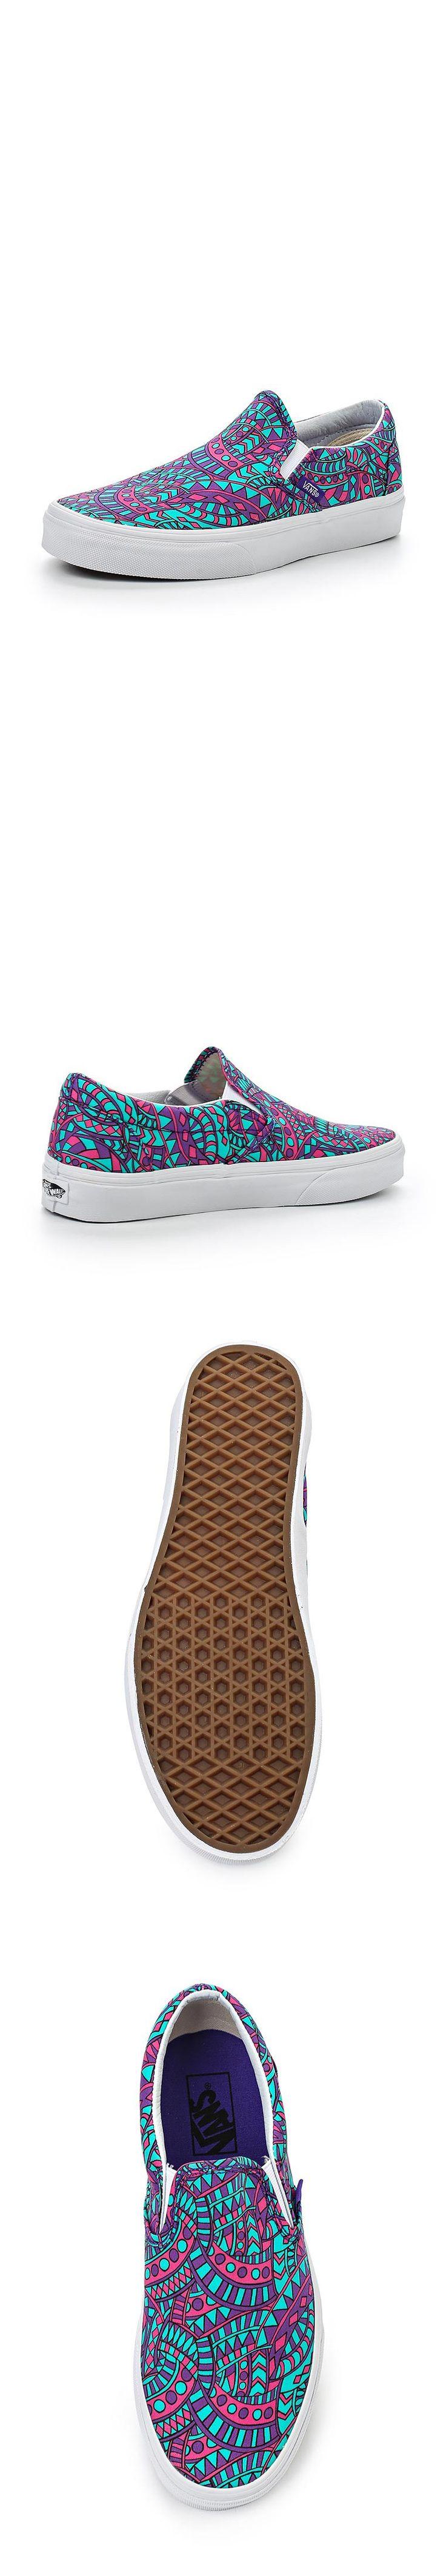 Женская обувь слипоны Vans за 6099.00 руб.